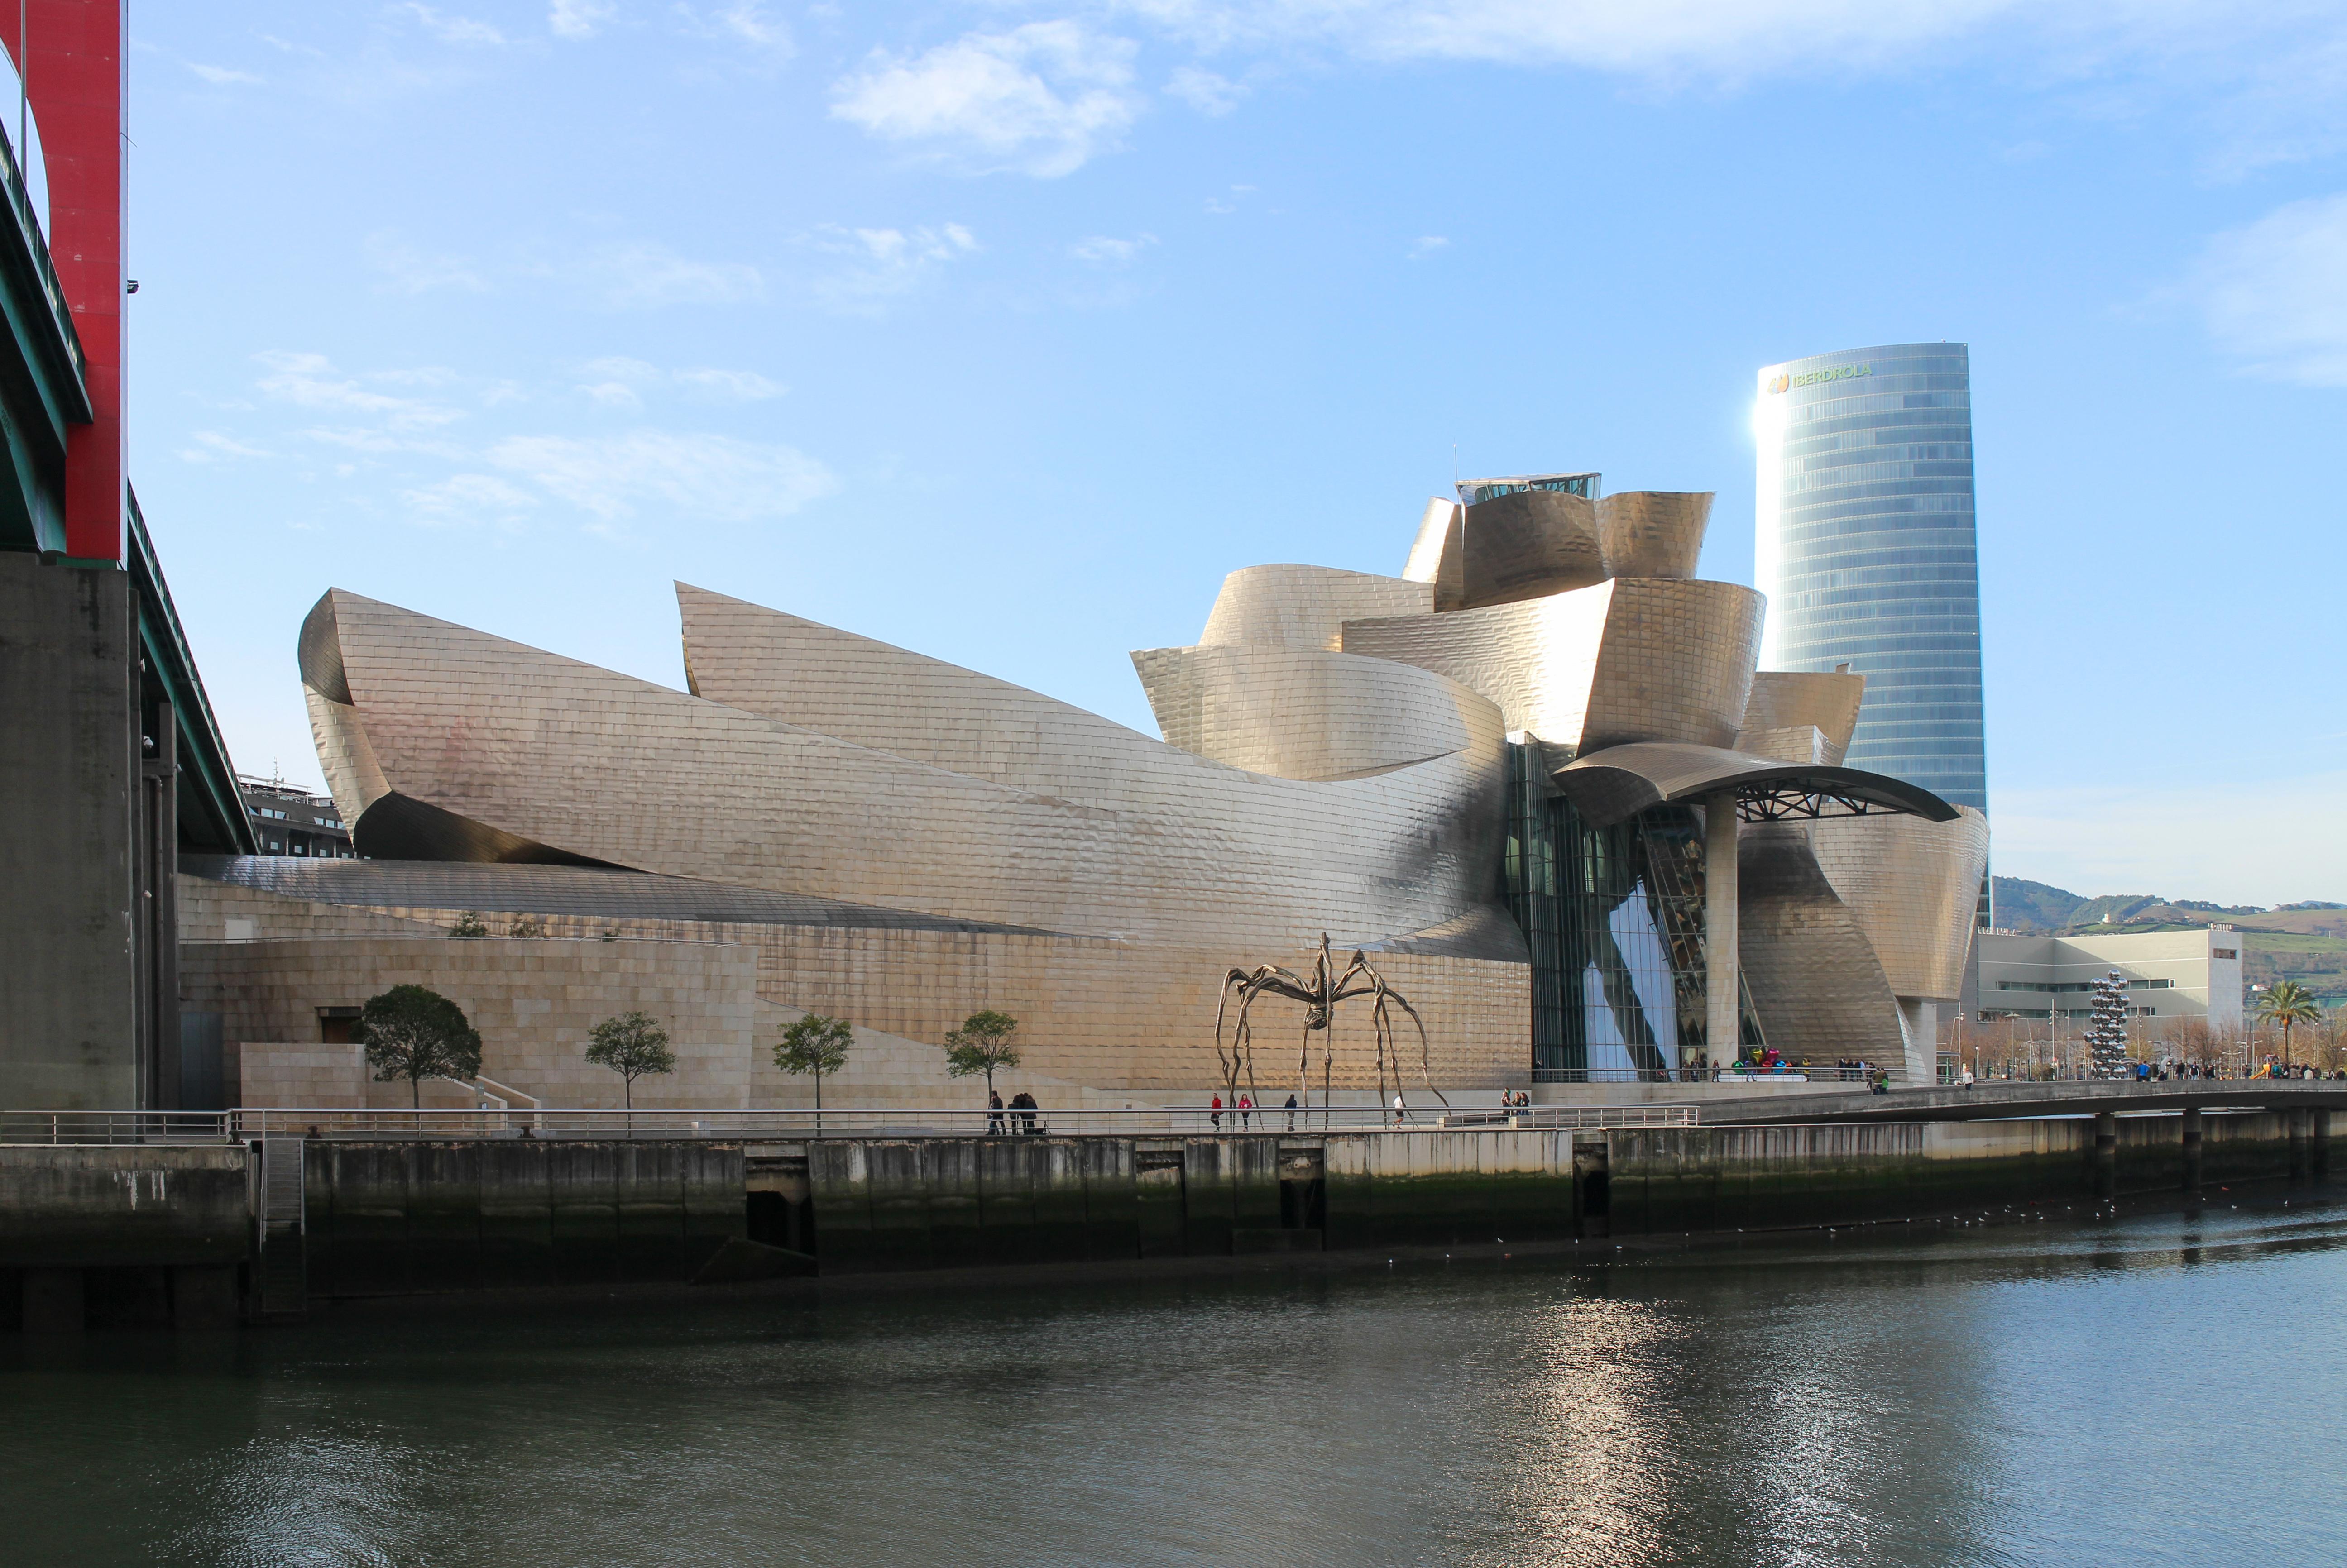 Guggenheim Museo.Guggenheim Bilbao Data Photos Plans Wikiarquitectura